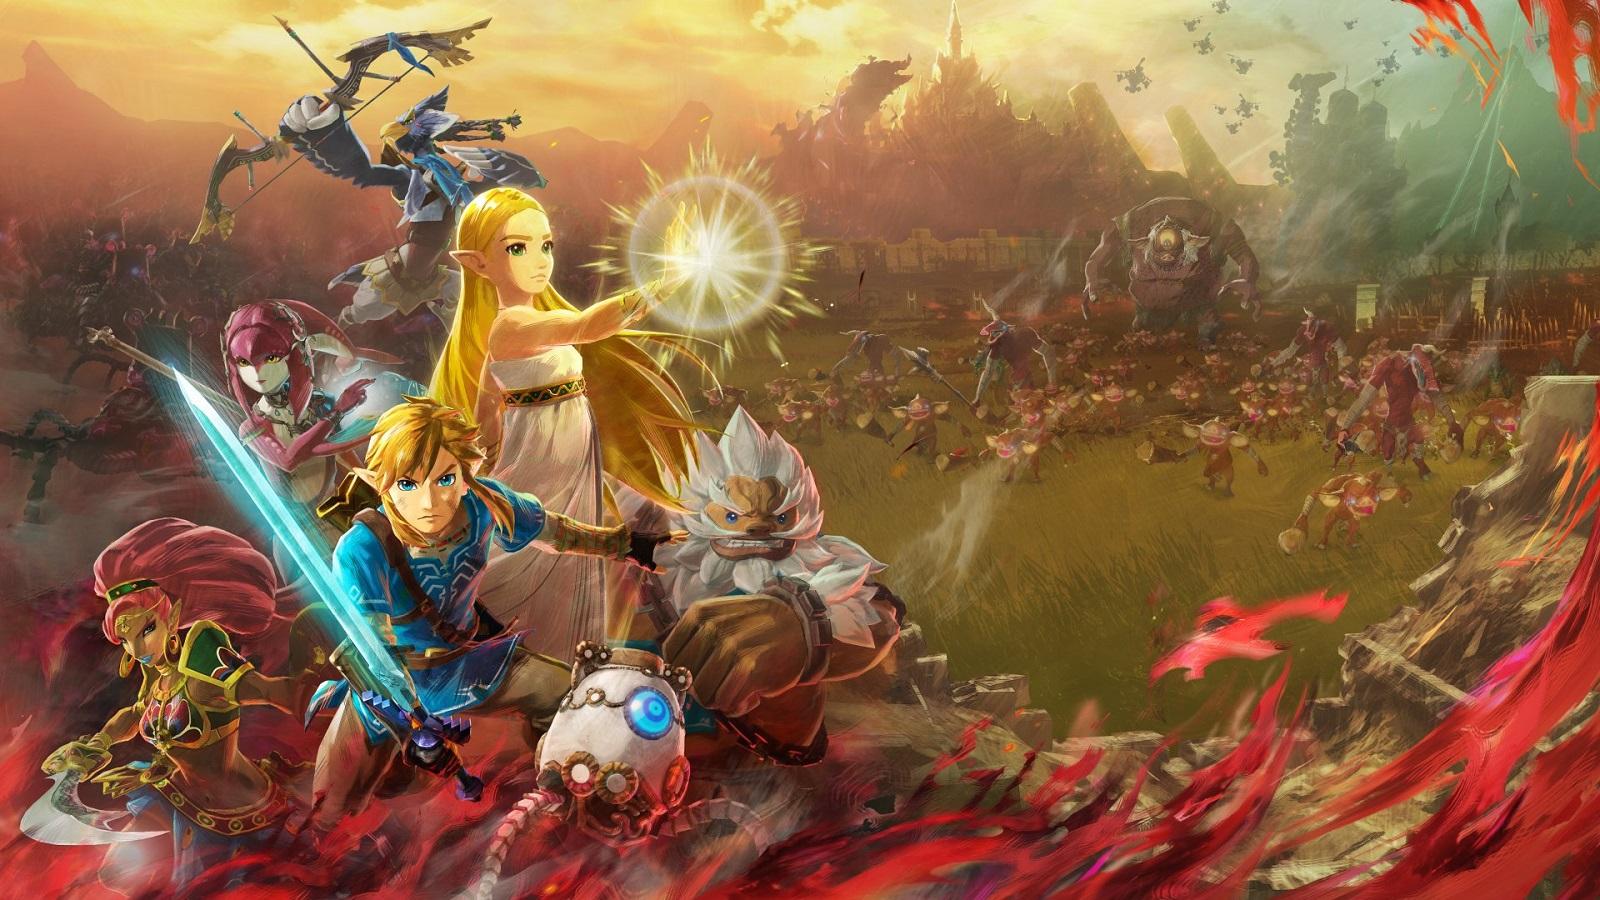 Nintendo обновила данные о продажах игр для Switch, включая Animal Crossing: New Horizons и Hyrule Warriors: Age of Calamity